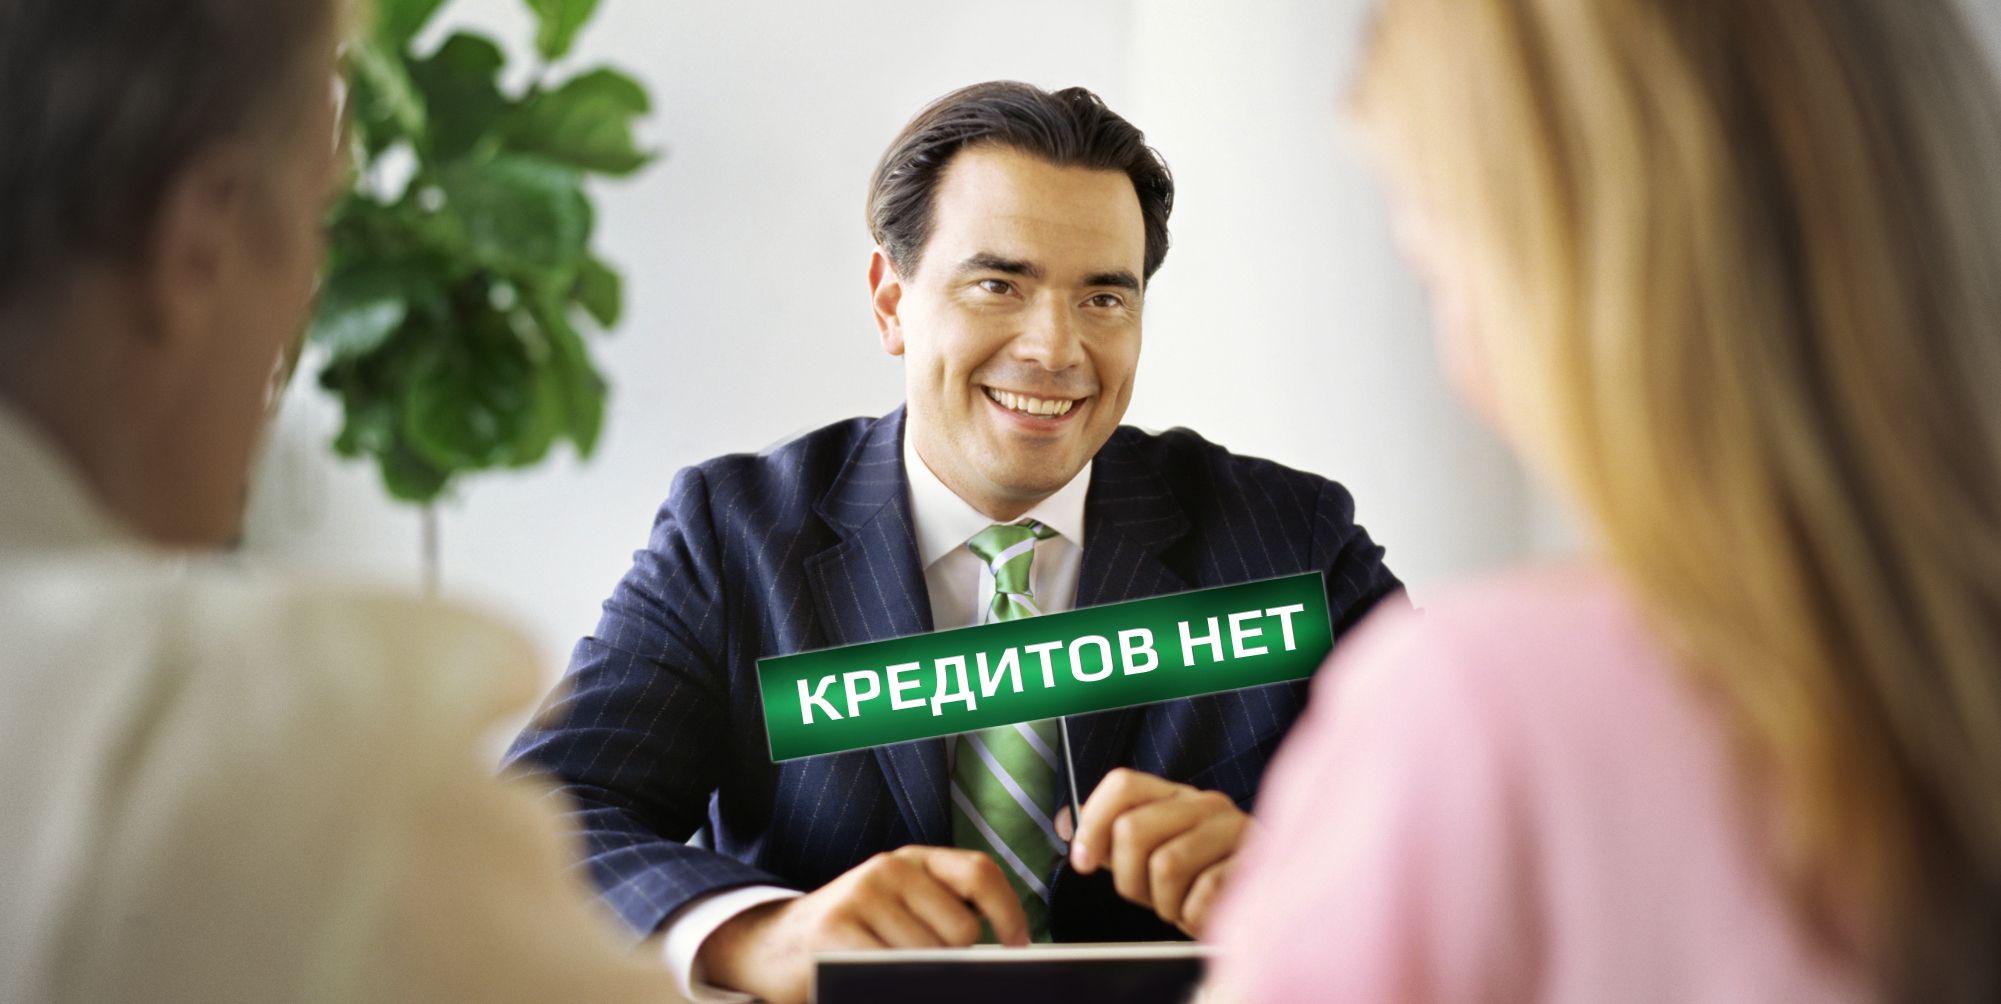 Банки могут потерять в прибыли- Kapital.kz